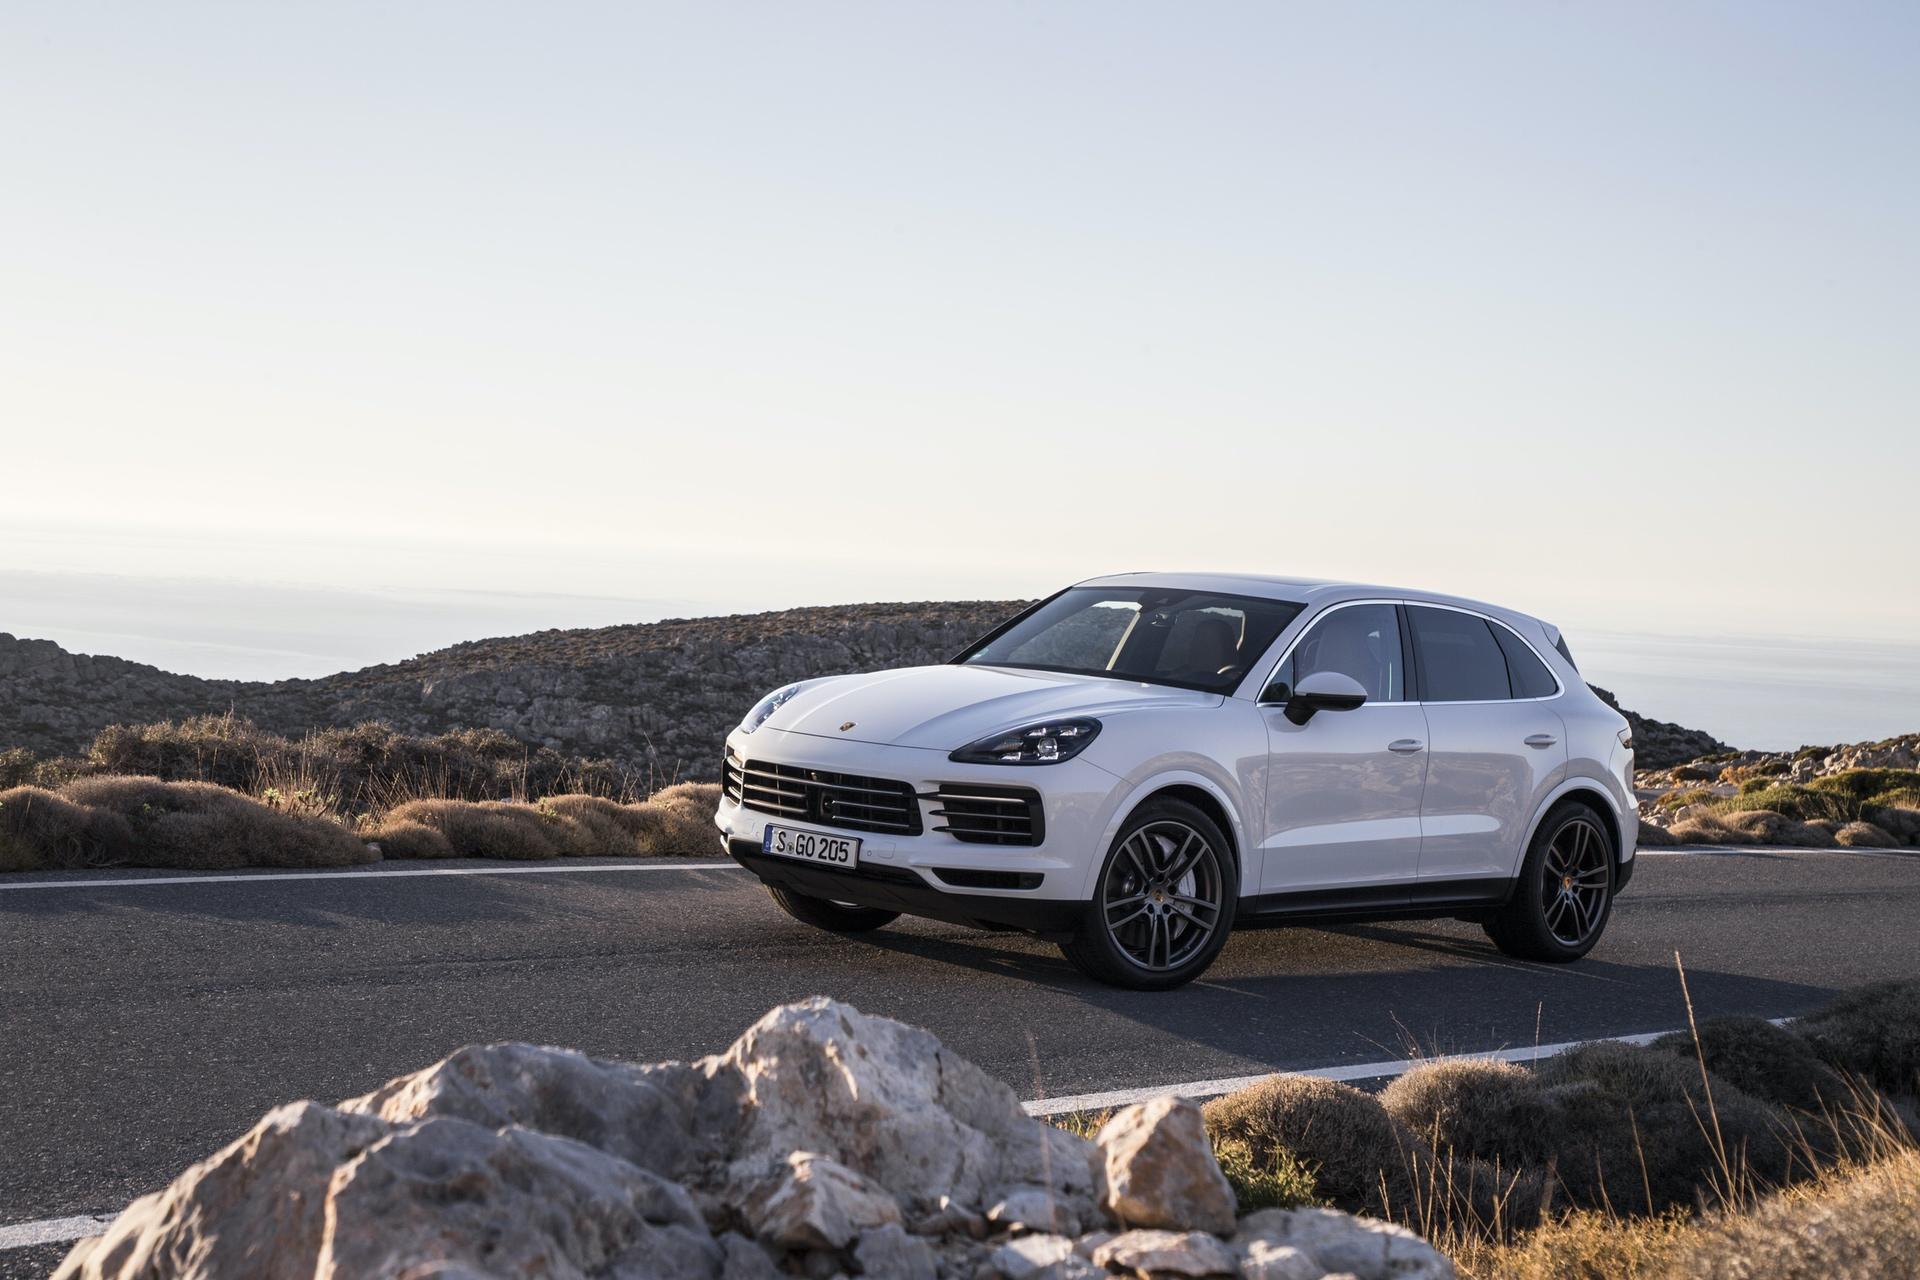 Test_Drive_Porsche_Cayenne_197